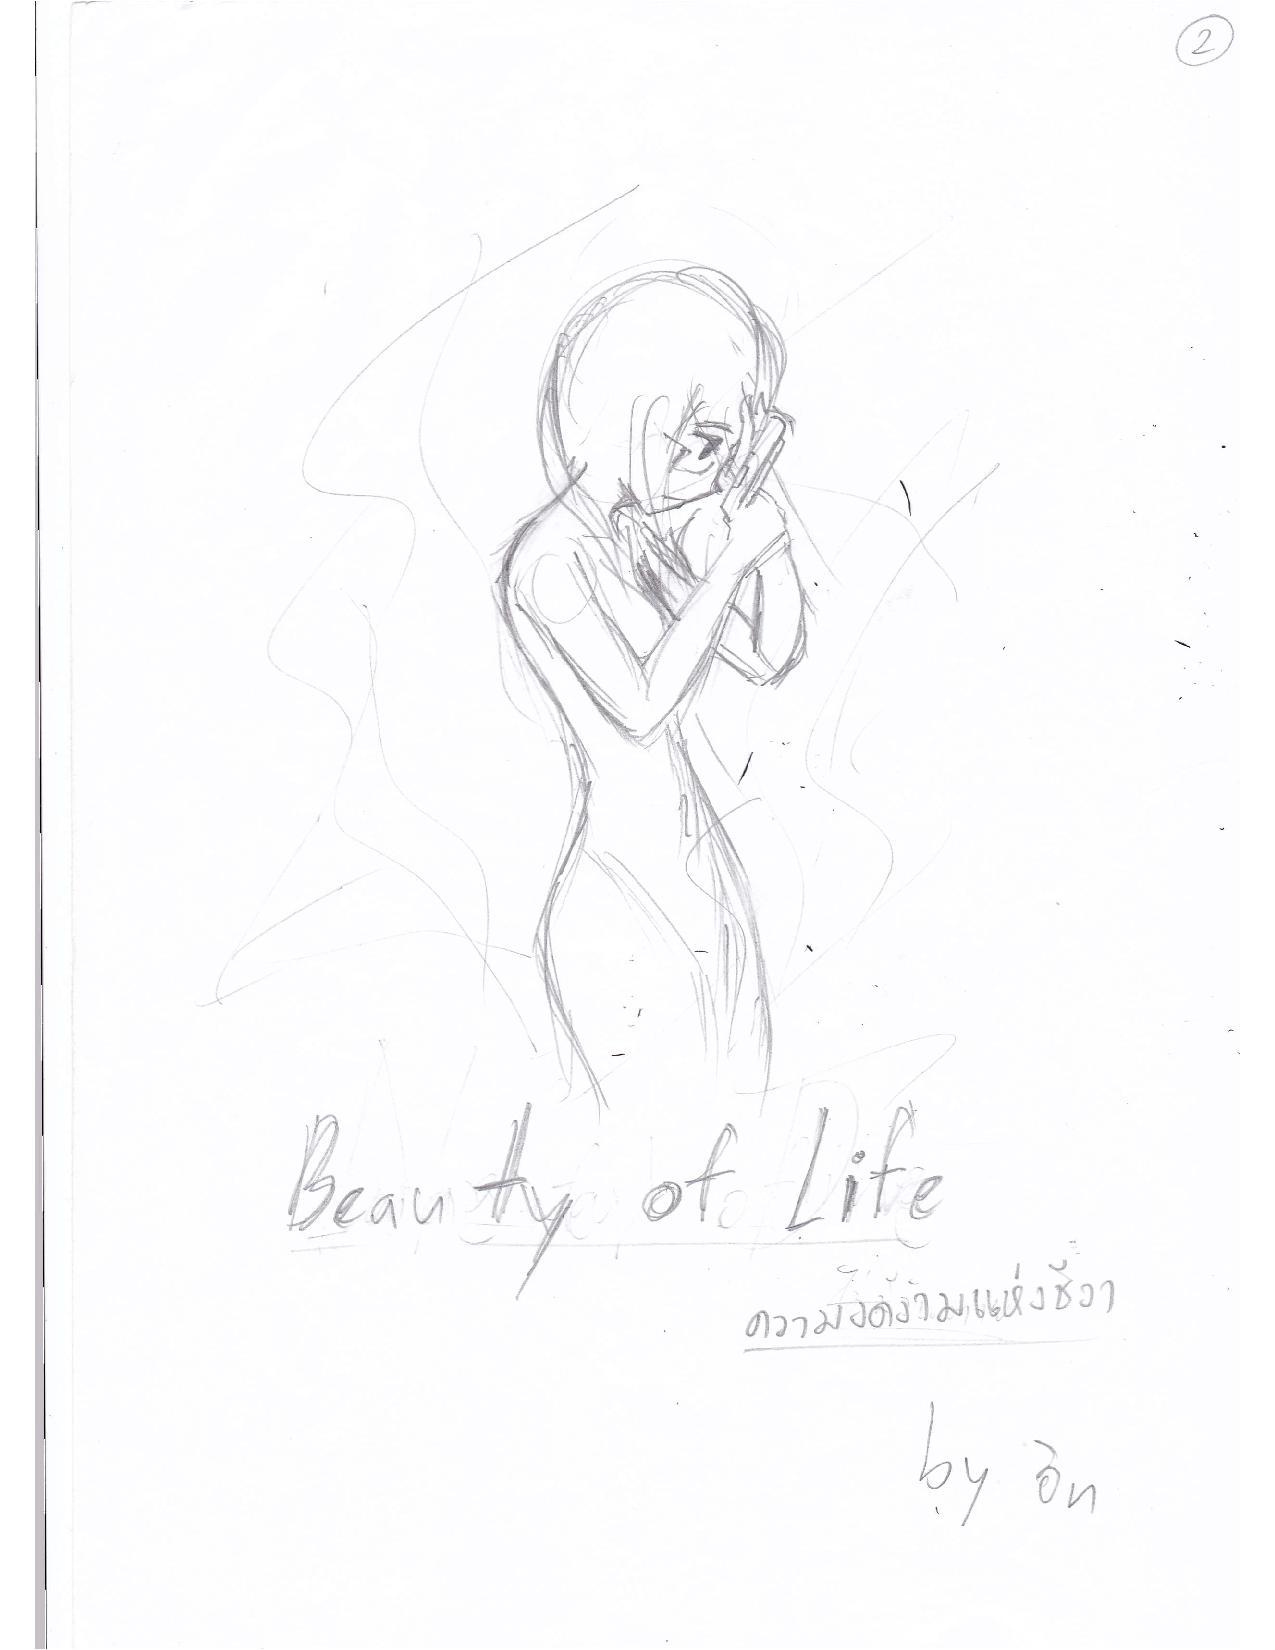 [Story Board-เรื่องสั้น] Beauty of Life(แก้งานครั้งที่ 1 ตอนที่ 1 T^T) Fqk92